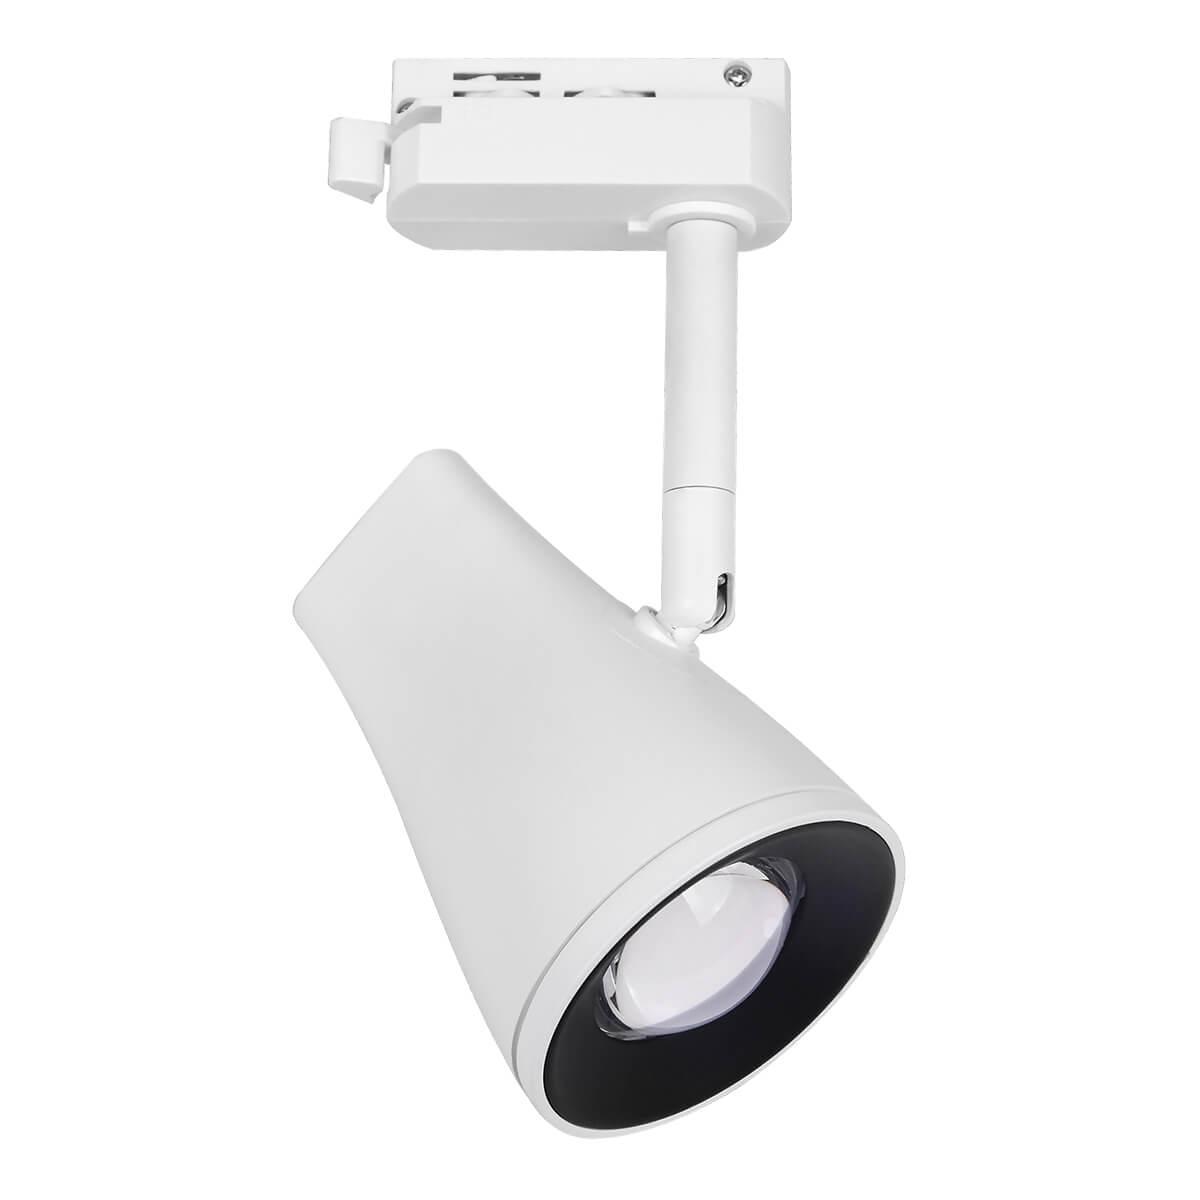 Трековый светодиодный светильник Elektrostandard Hardi 9W 4200K LTB18 4690389111594 трековый светодиодный светильник elektrostandard hardi 9w 4200k ltb18 4690389111600